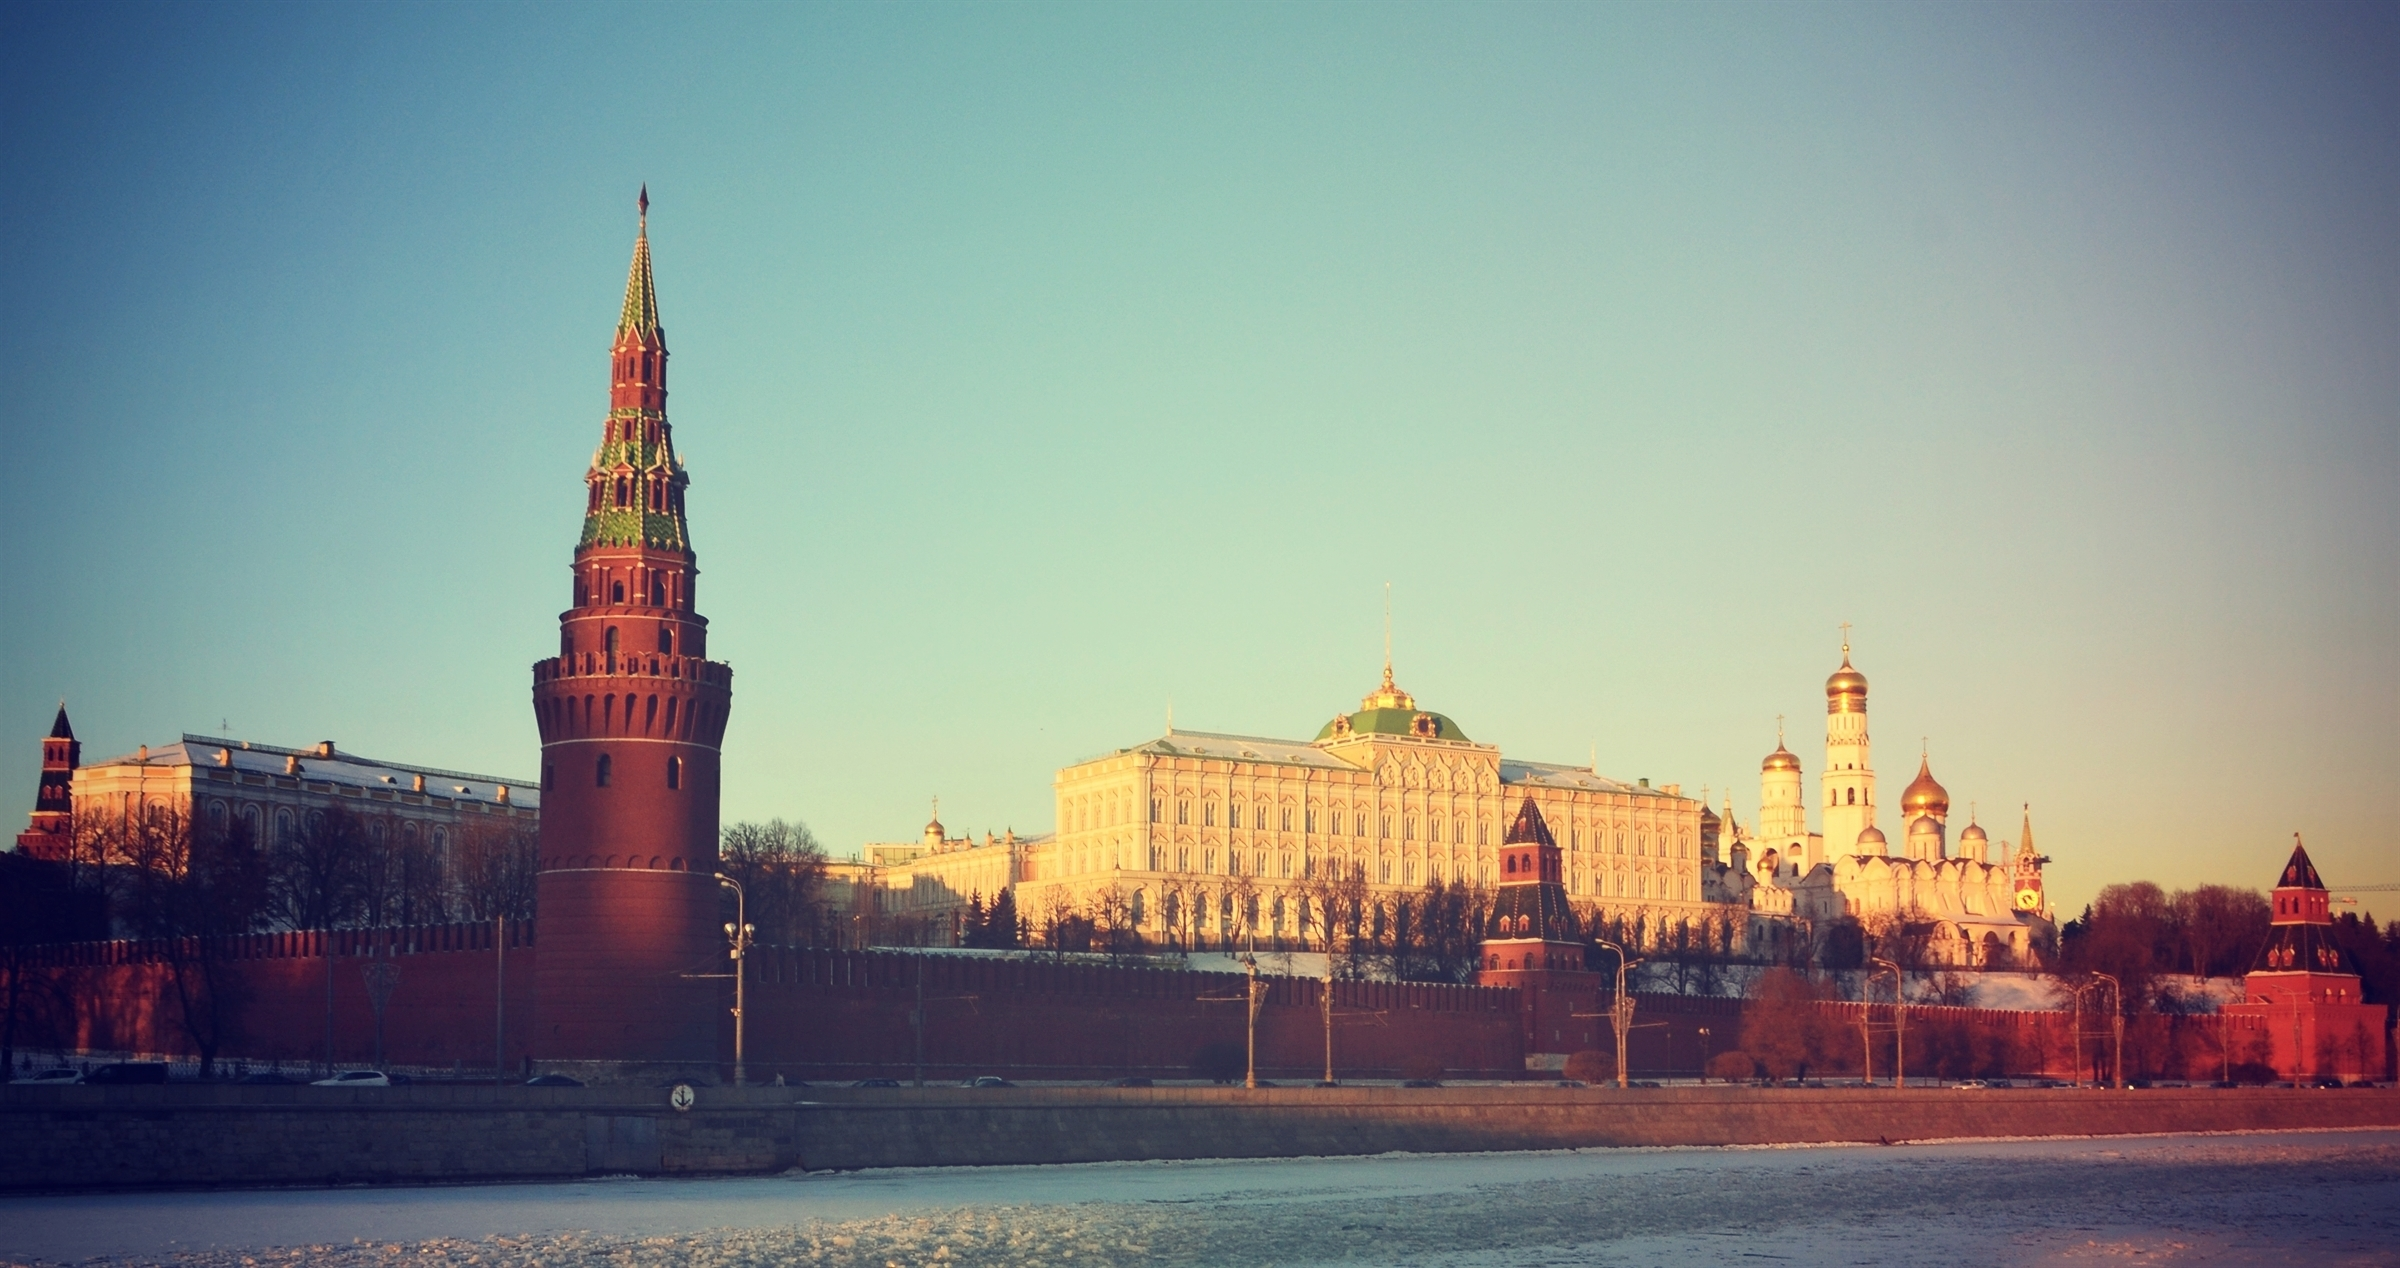 Картинка: Москва, Россия, Красная площадь, Кремль, достопримечательность